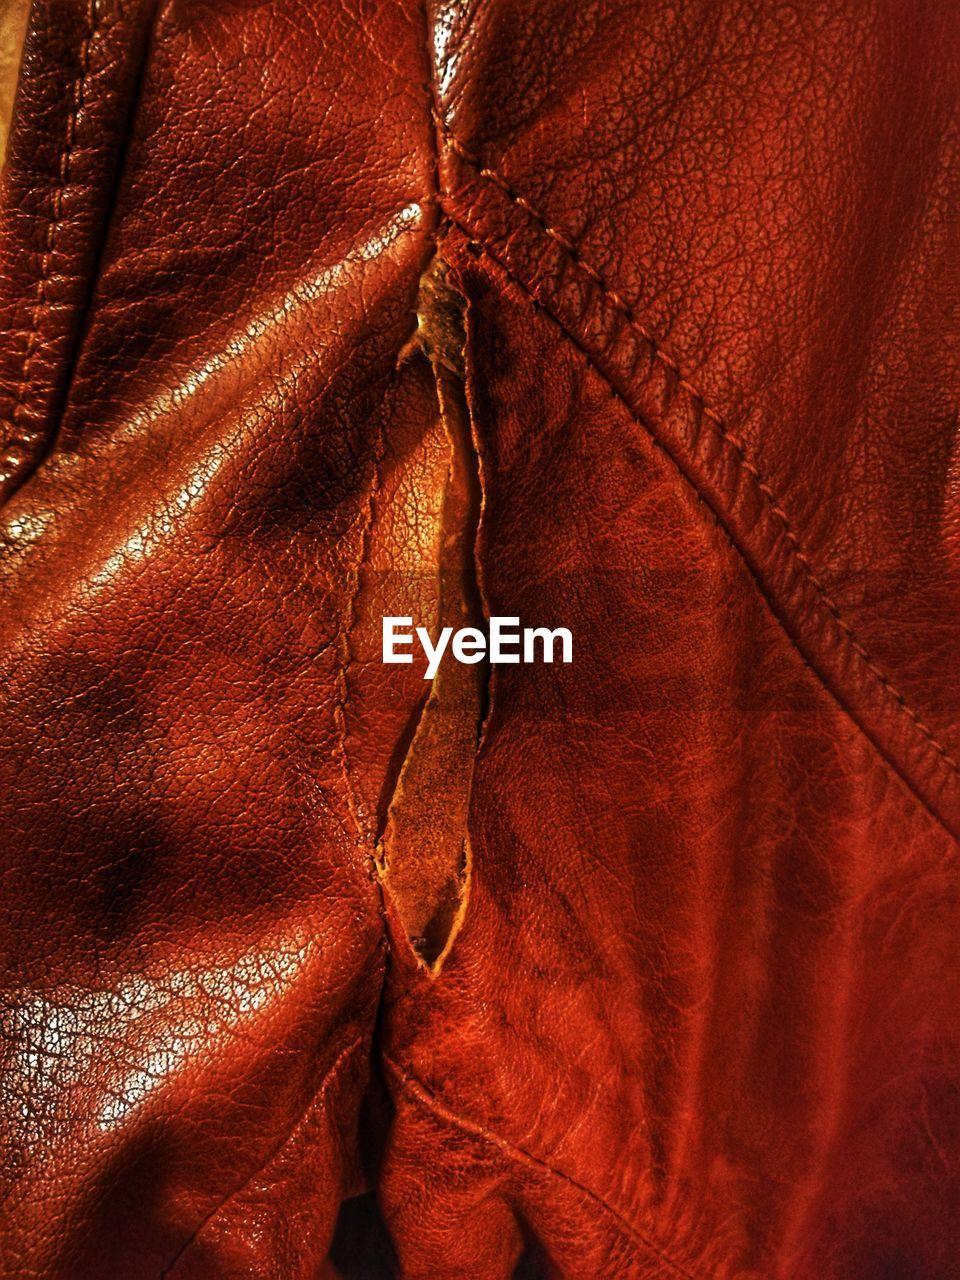 Full frame shot of torn leather jacket